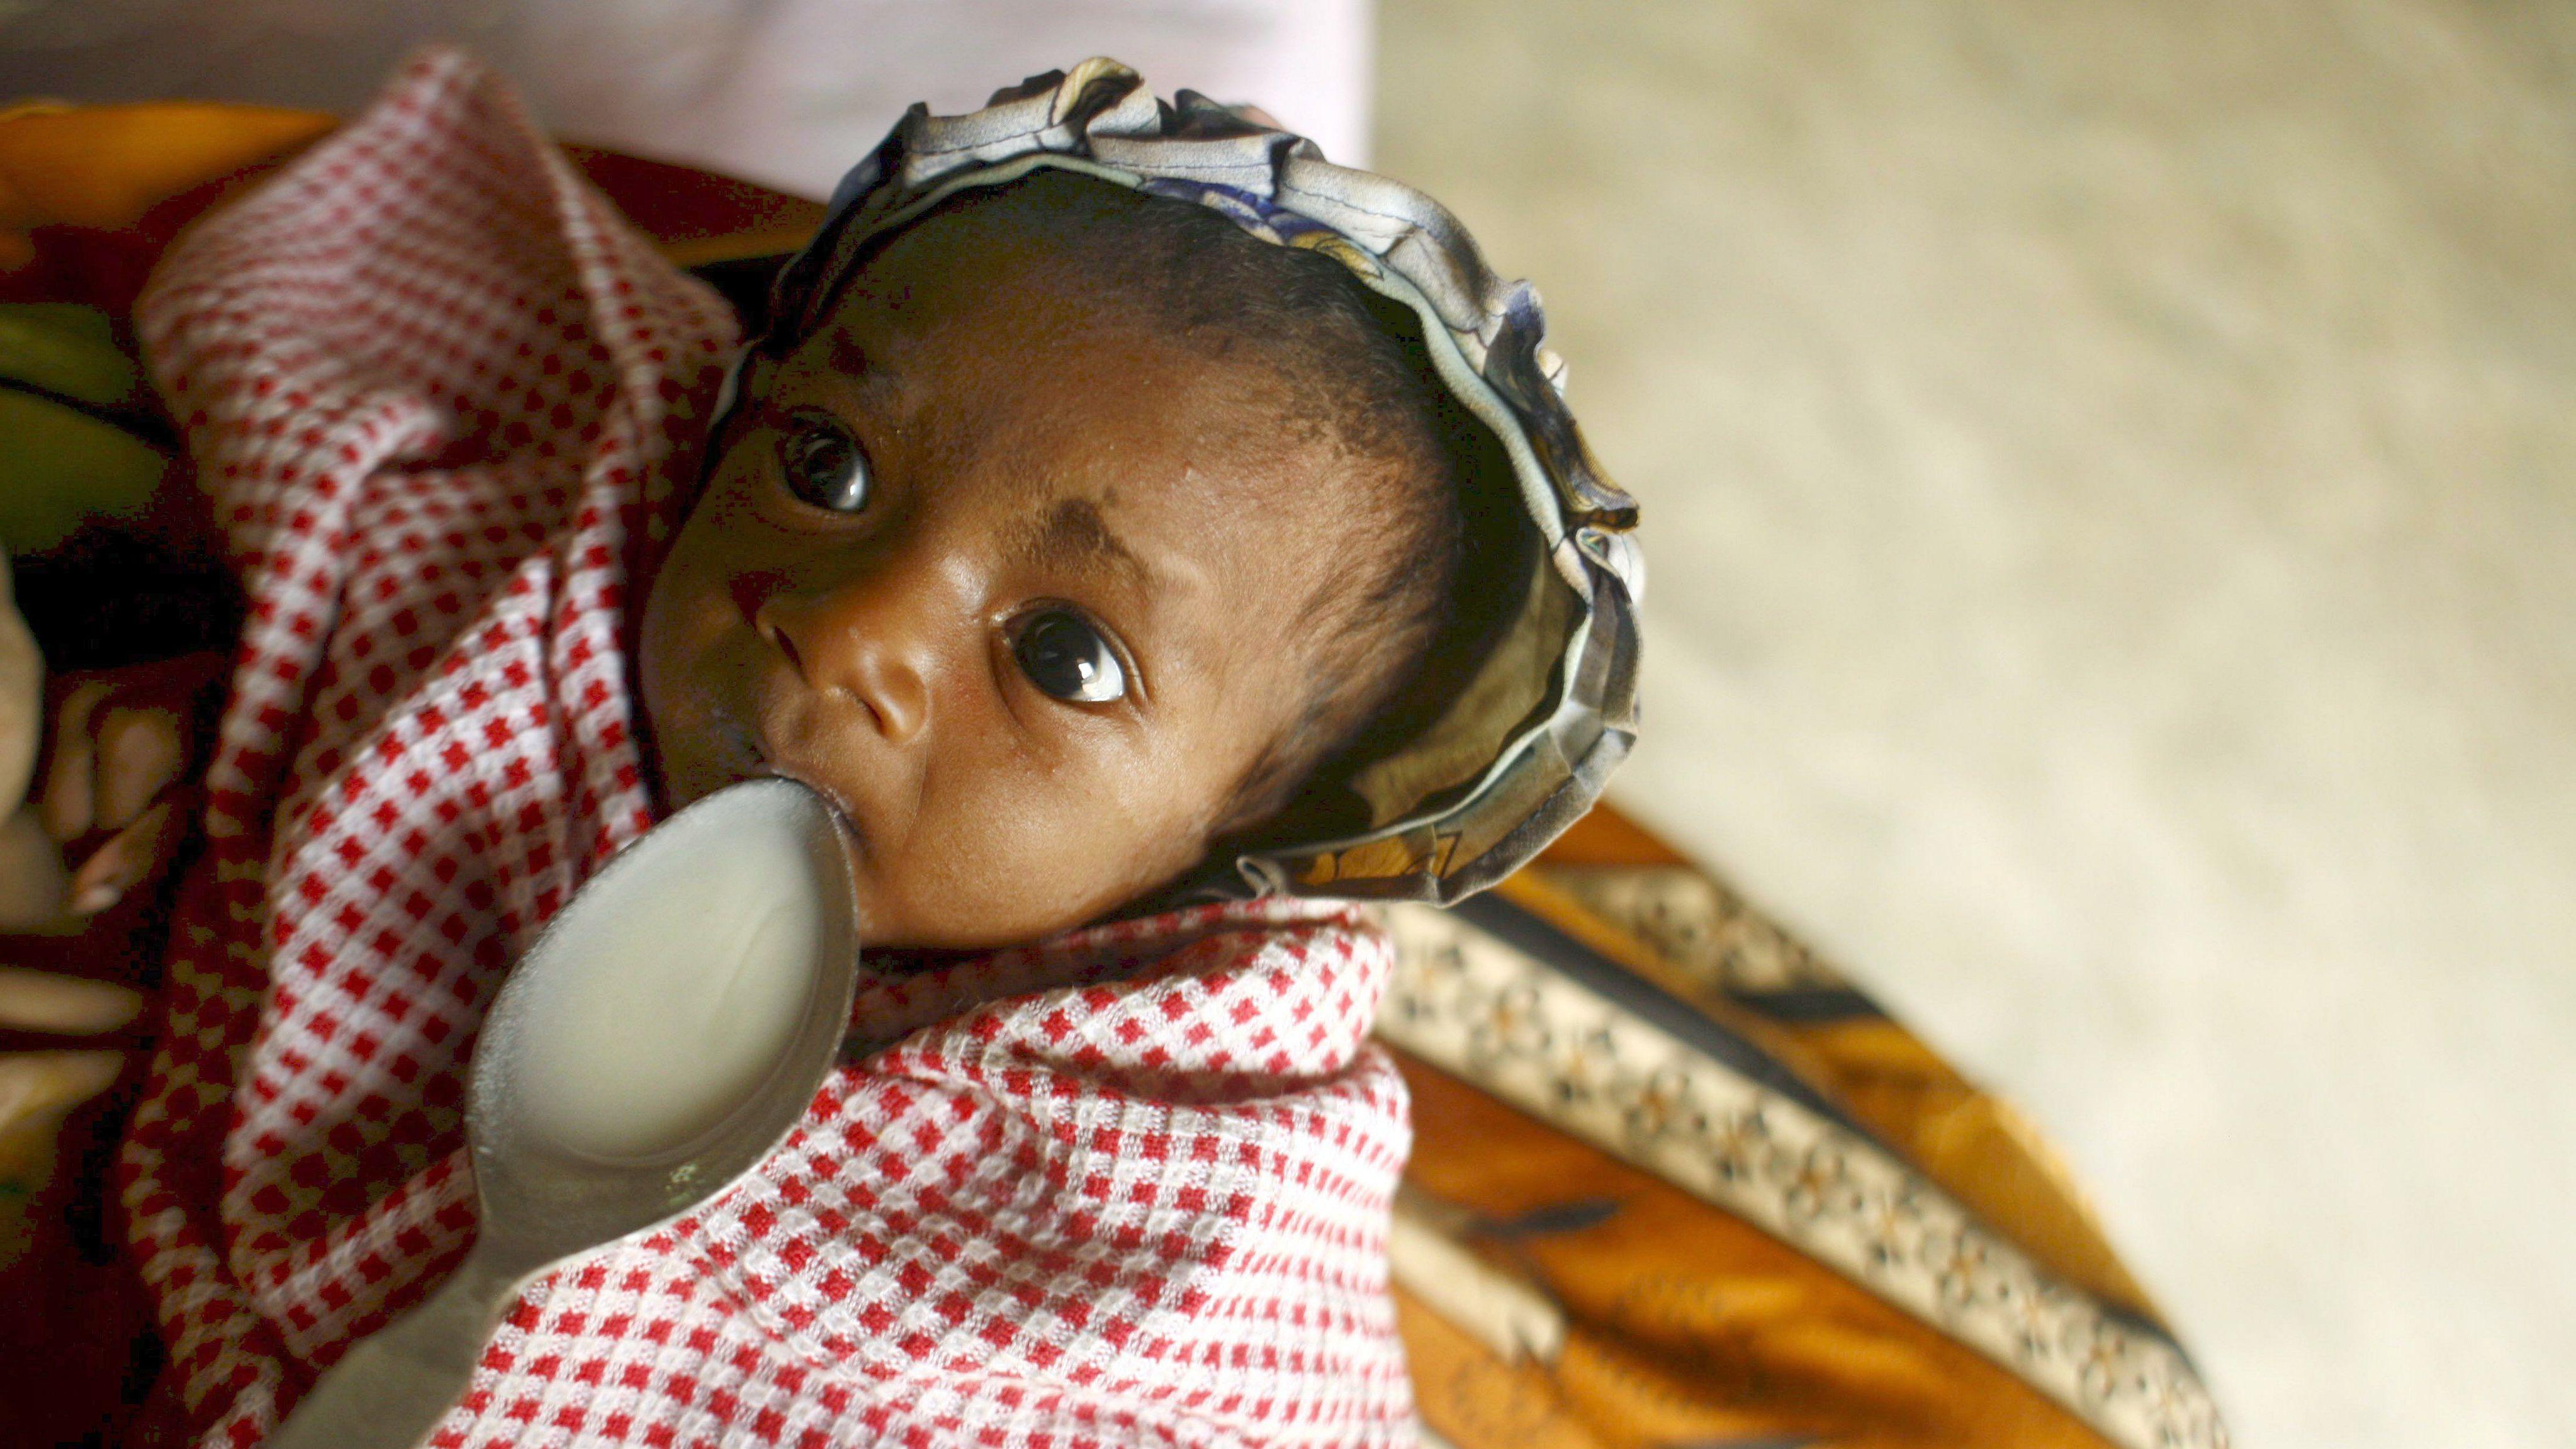 Ein unterernährtes Baby